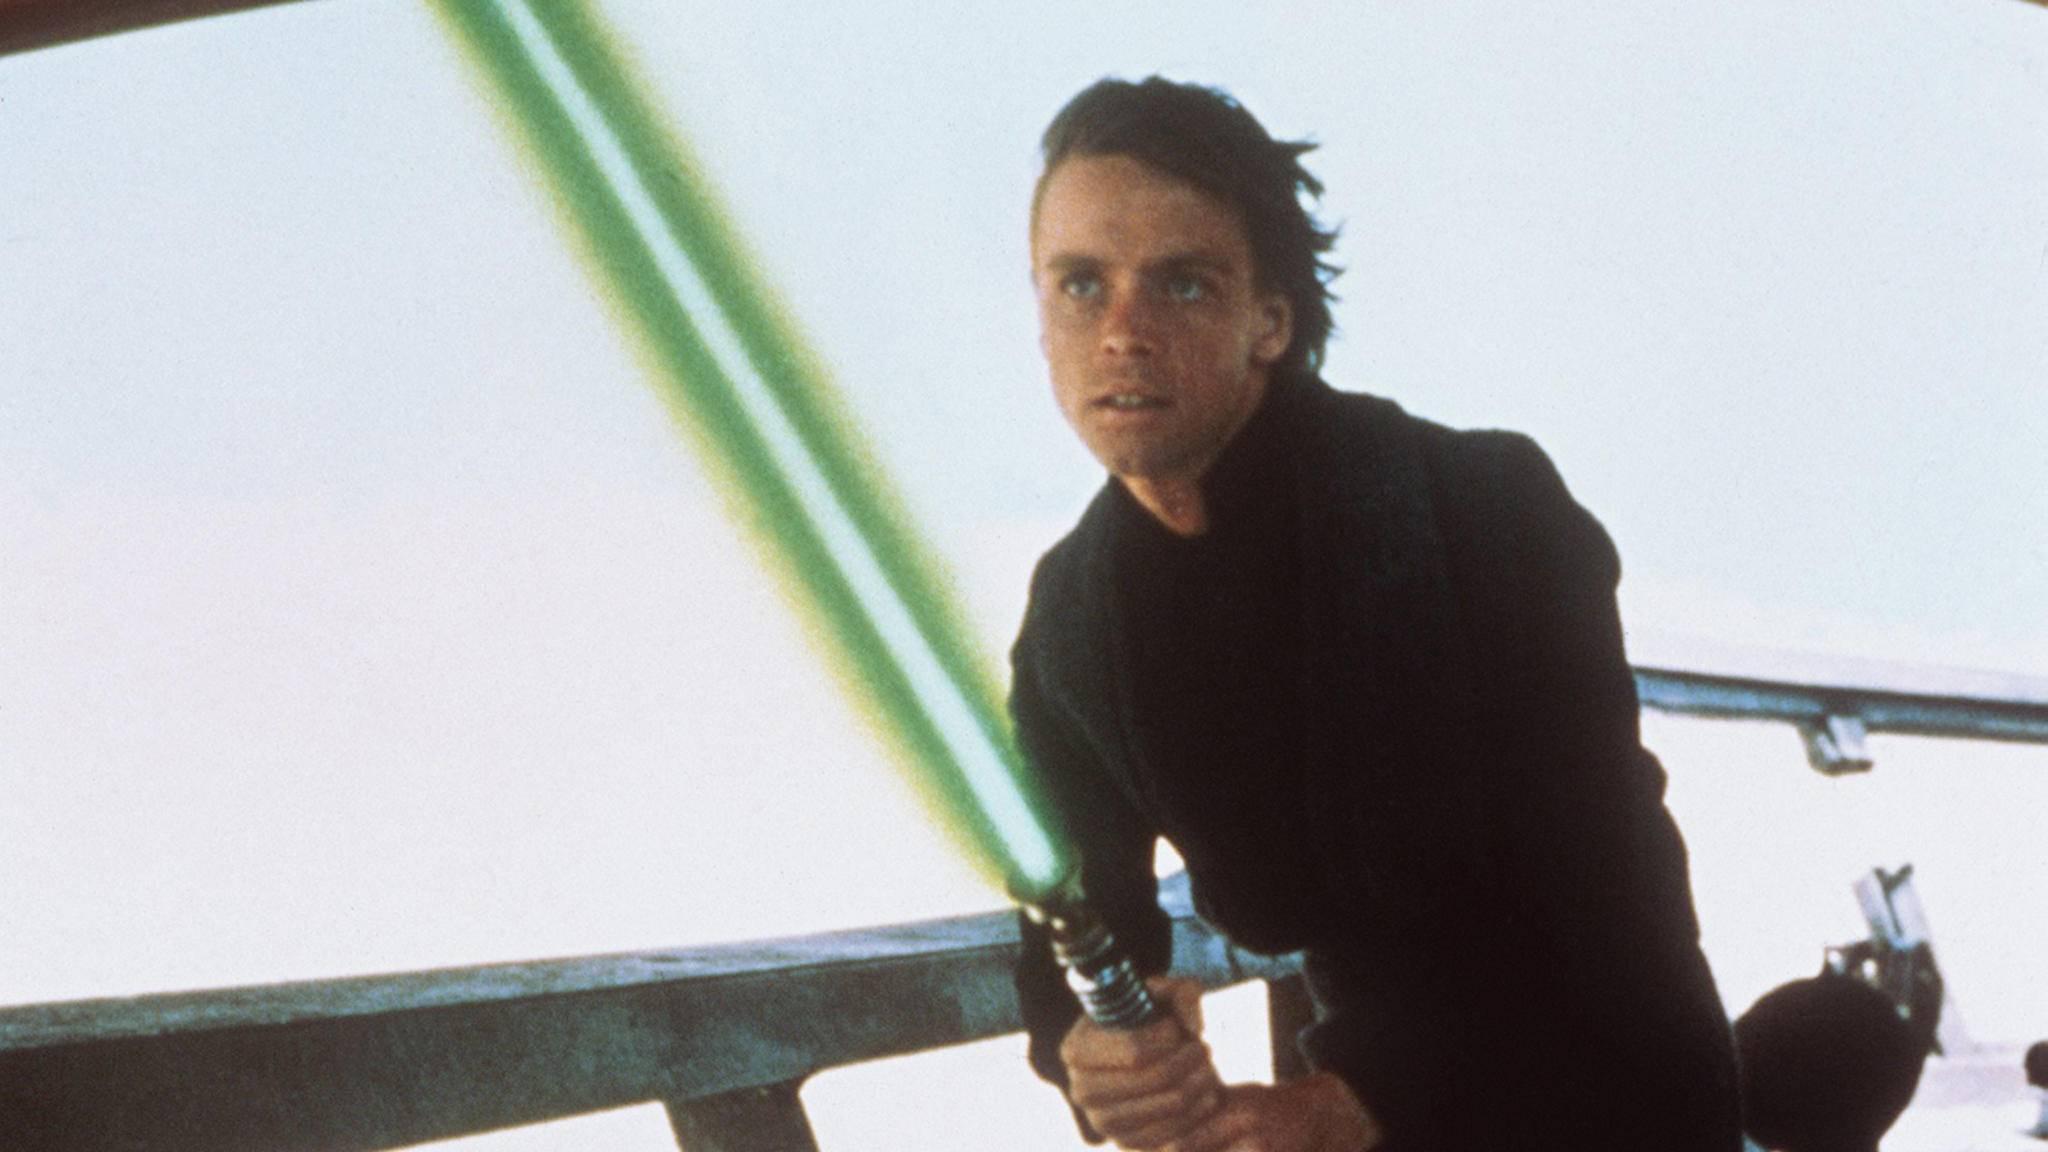 Du willst das Lichtschwert von Luke Skywalker besitzen? Kein Problem, eine Auktion macht genau das jetzt möglich – das nötige Kleingeld vorausgesetzt.